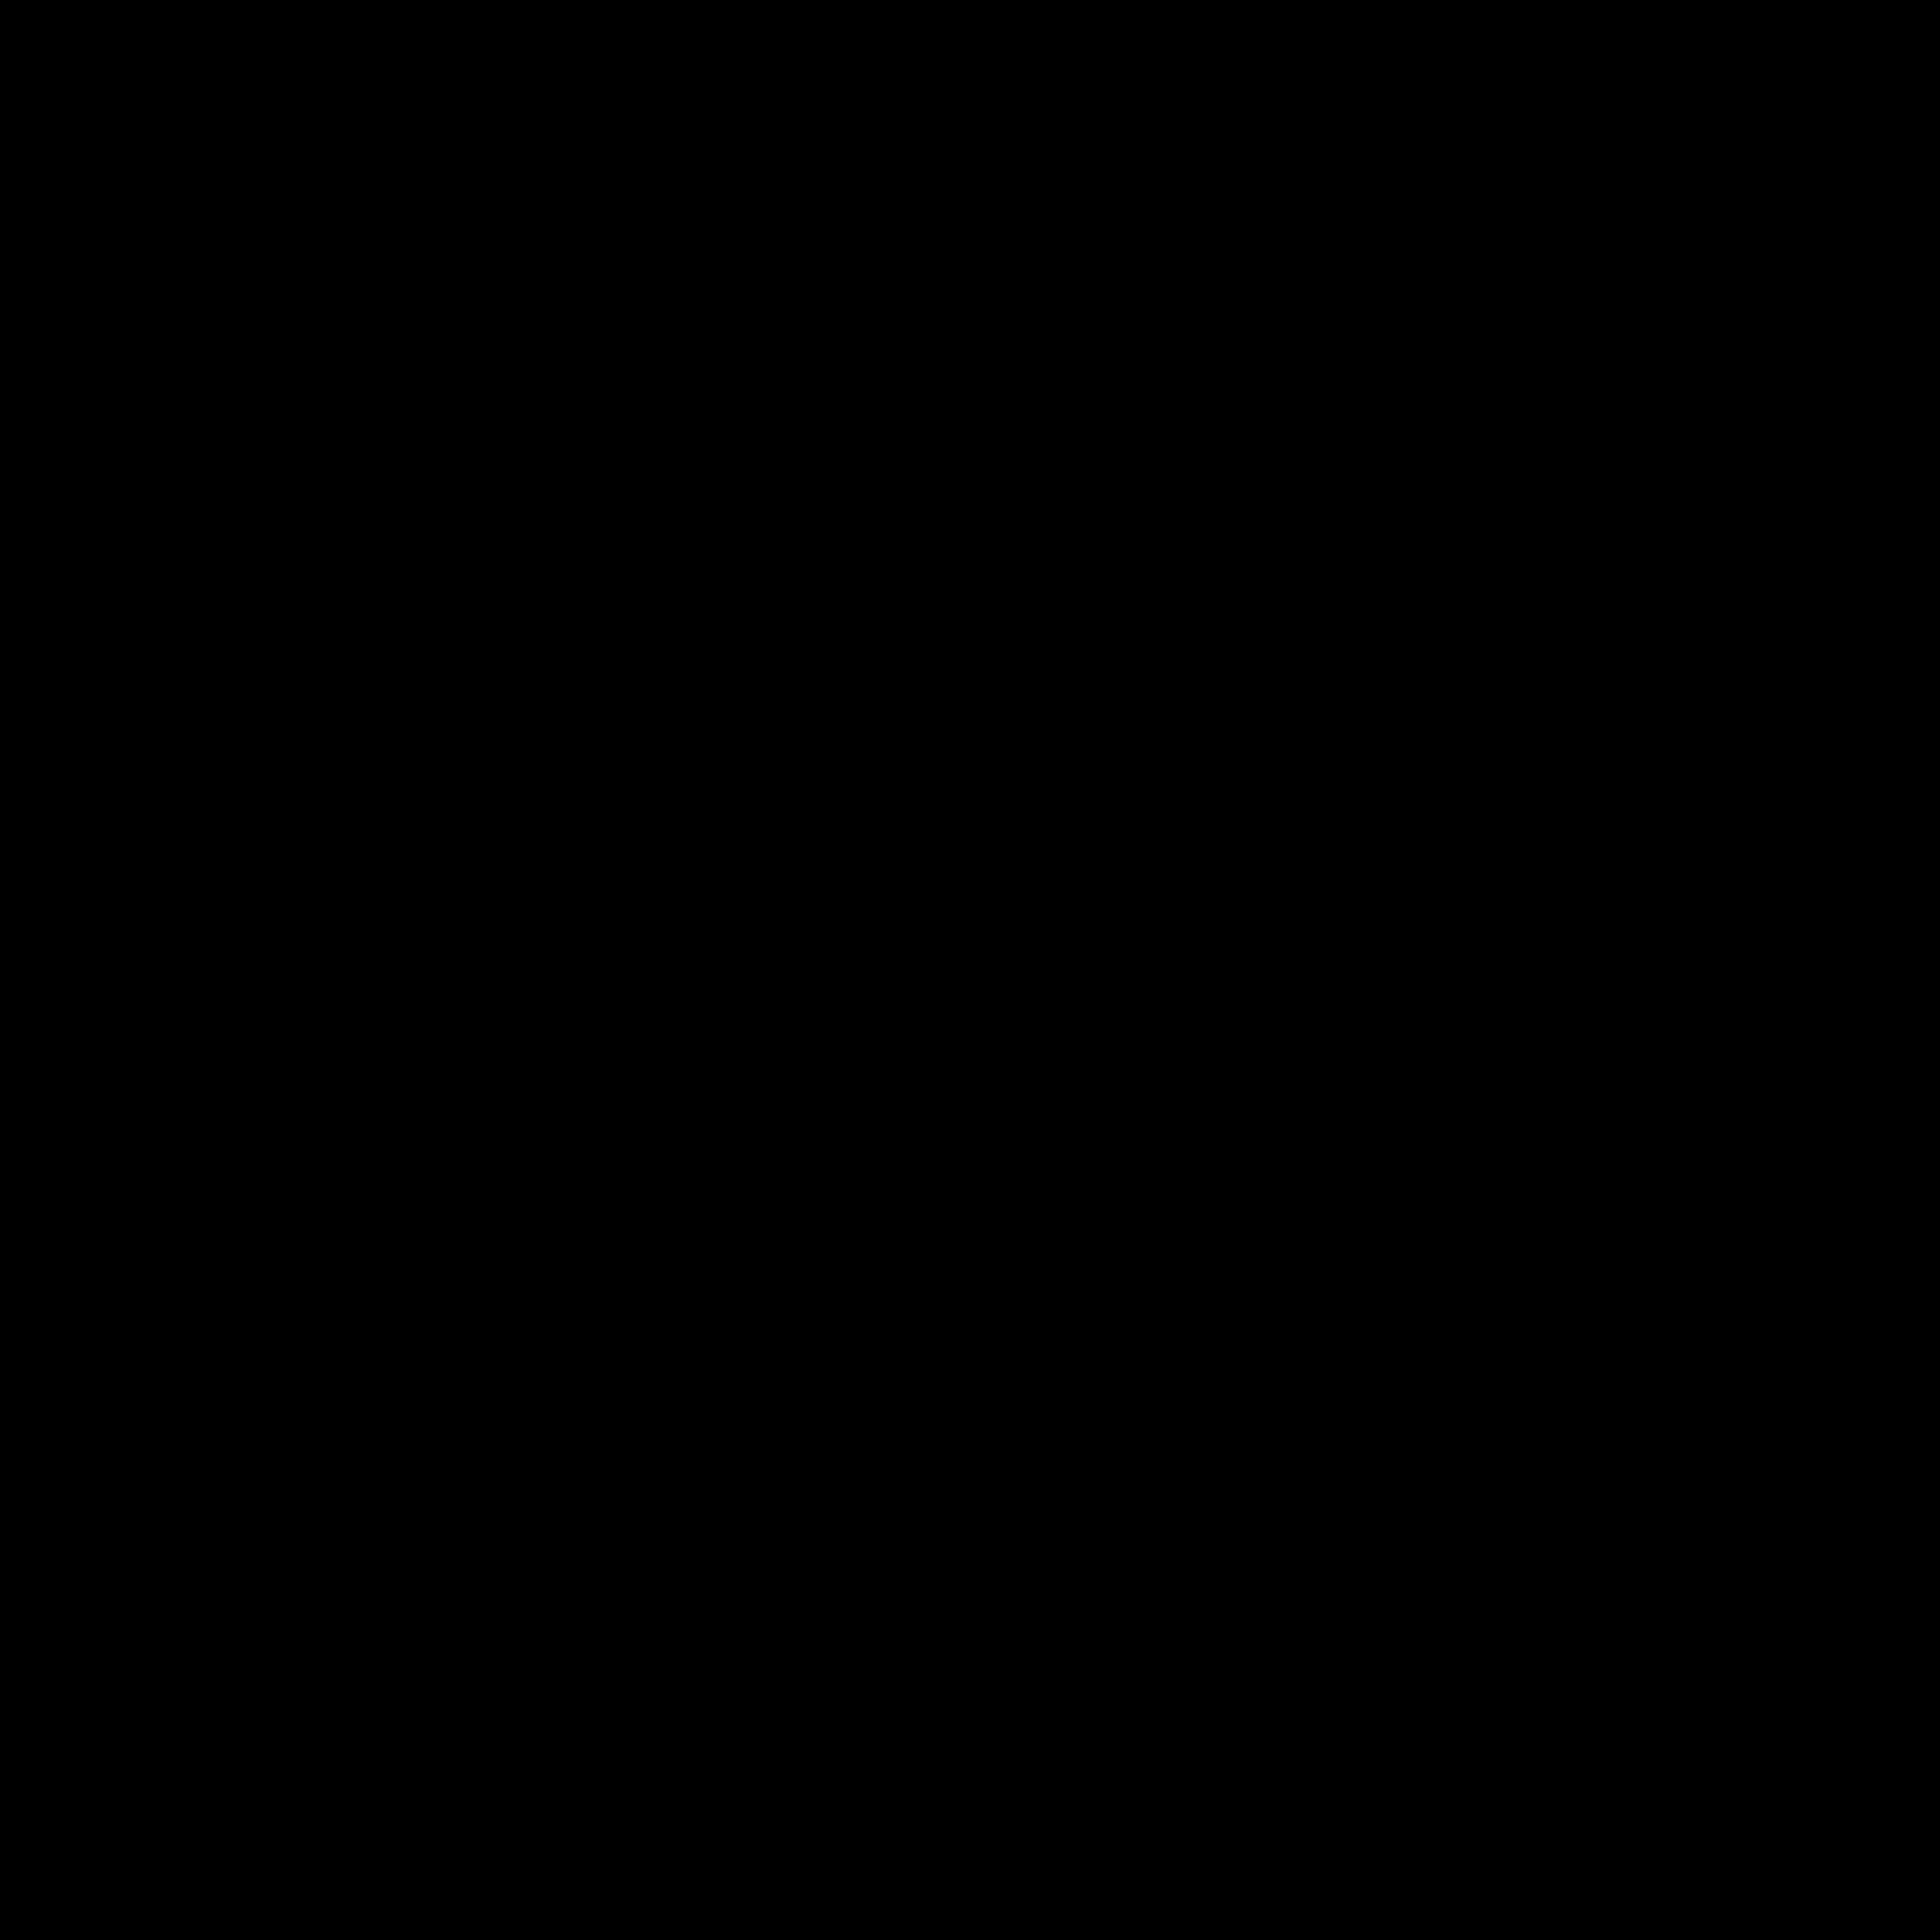 CK- LOGO-V.2-B-01.png